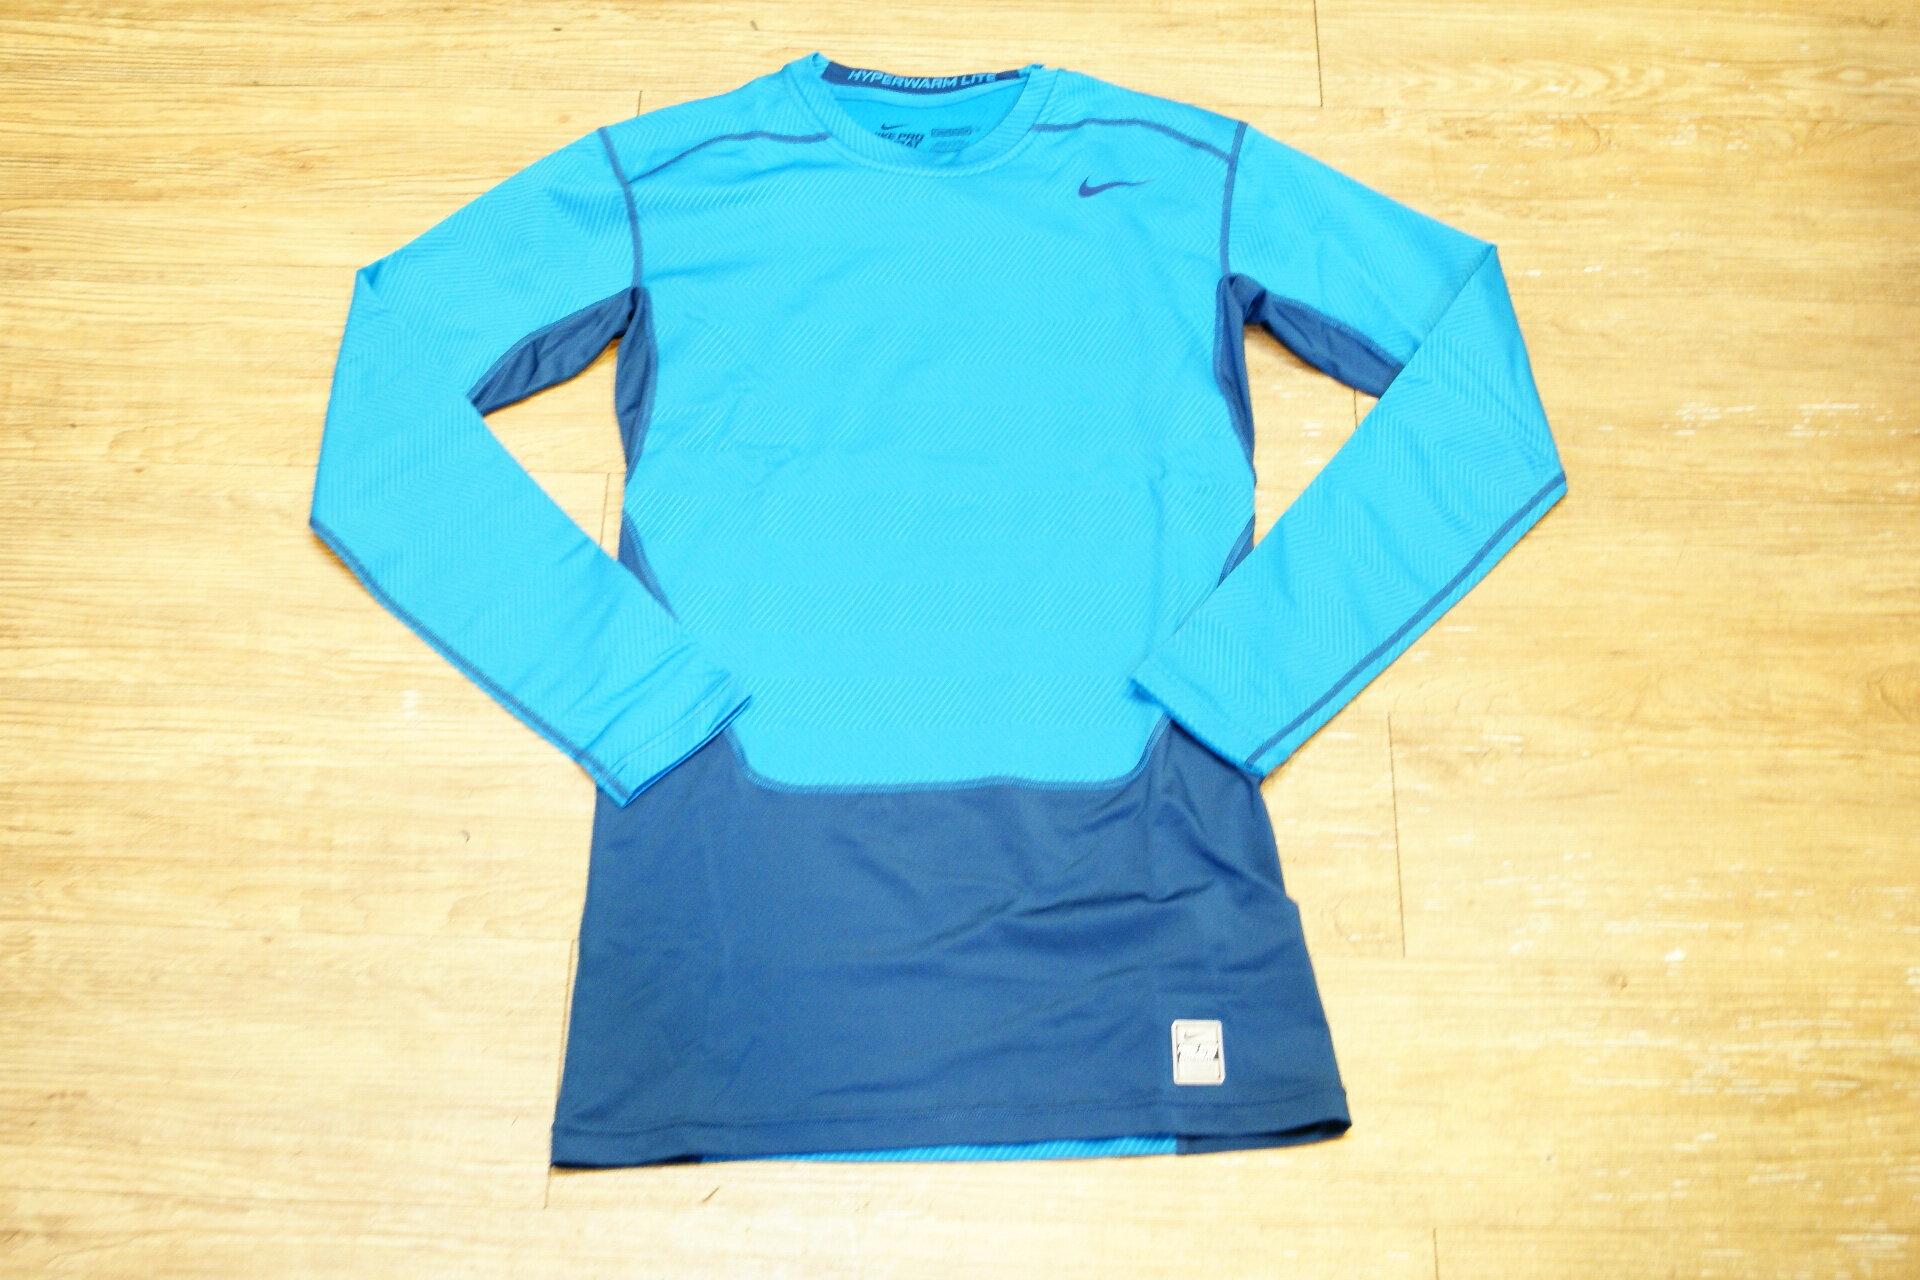 棒球世界NIKE HYPERWARM PRO COMBAT長袖緊身衣 藍色 特價